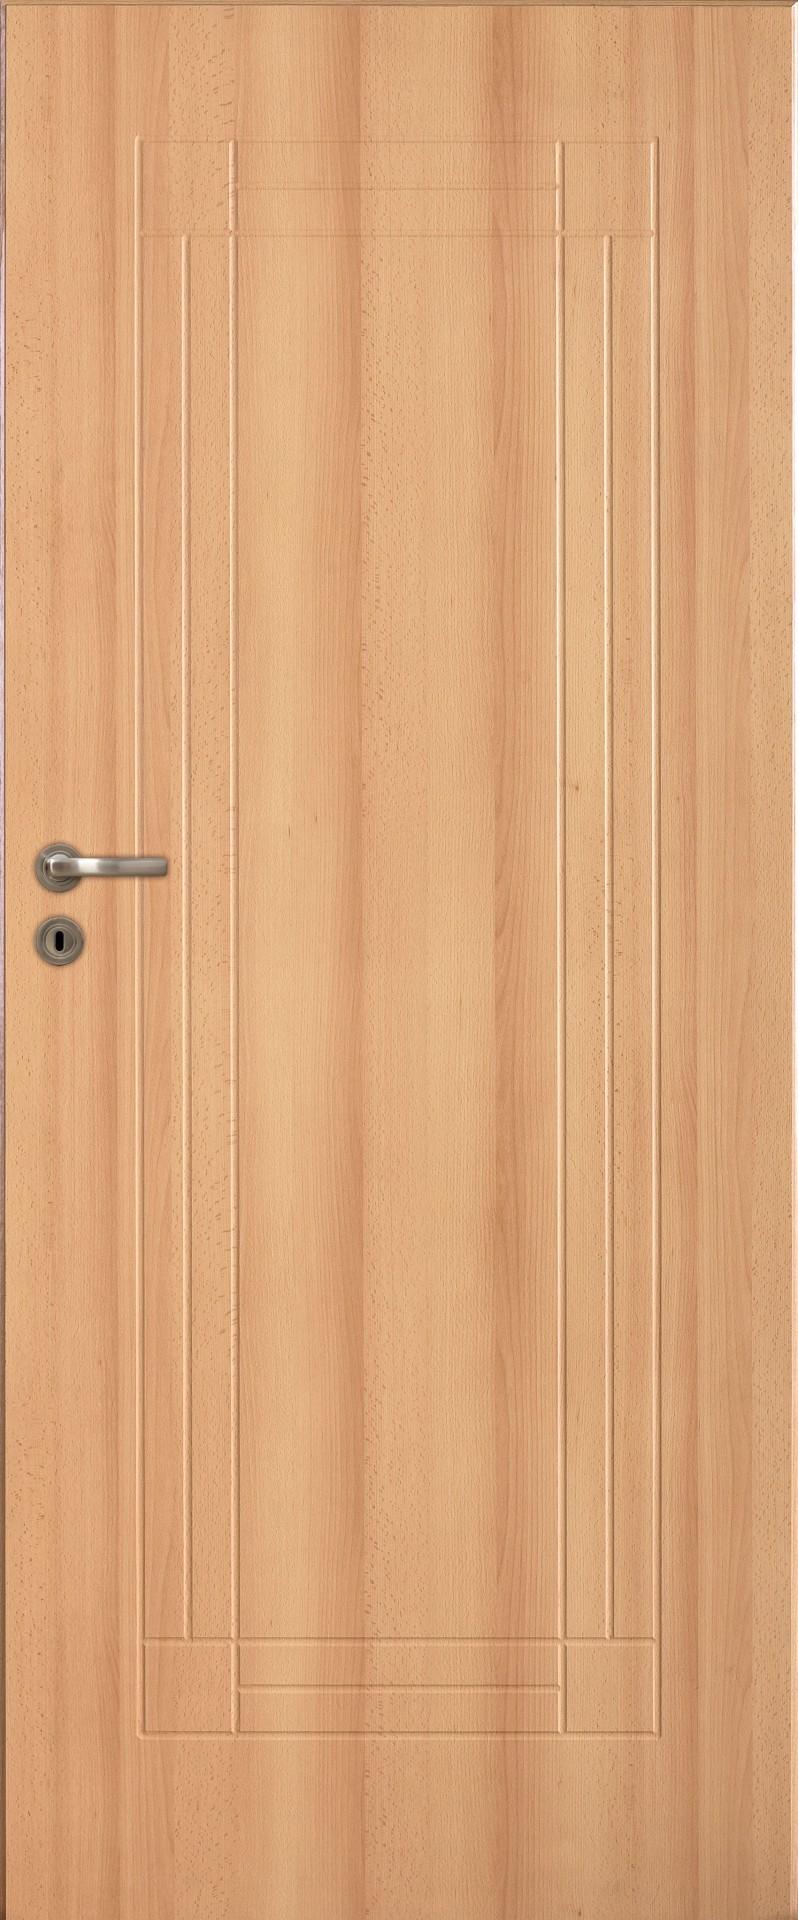 Dre dveře Linea 10, Šíře v cm 60